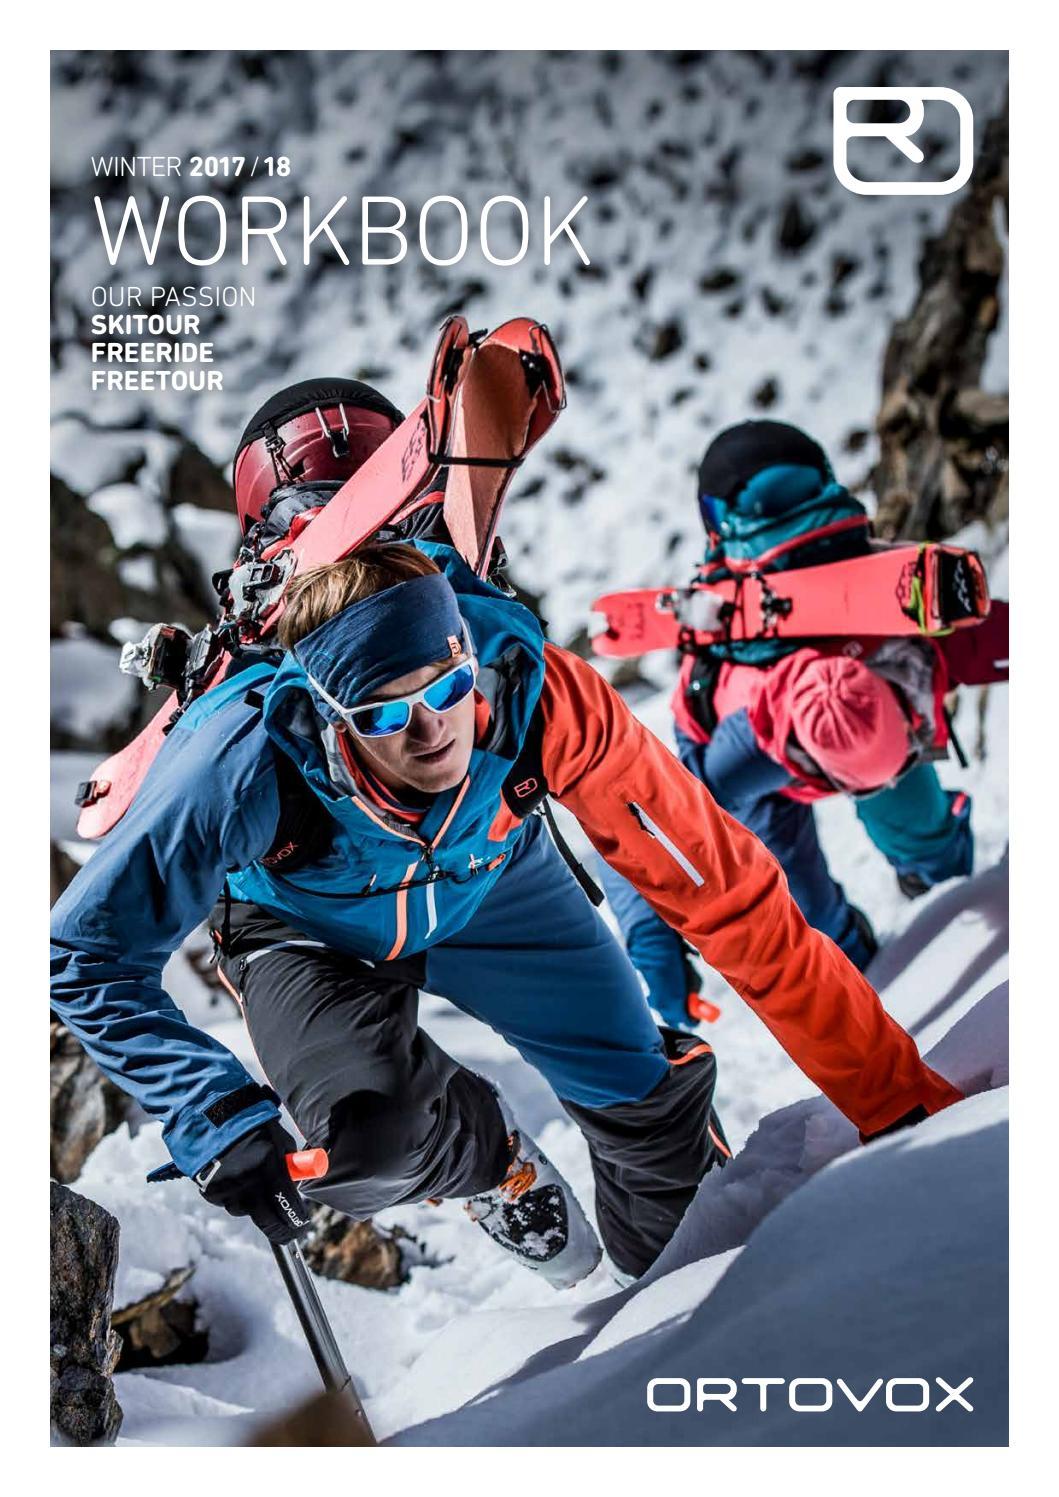 Workbook Winter 2017 18 Us By Ortovox Issuu Hoc Premium Bluedark Full Set Suit